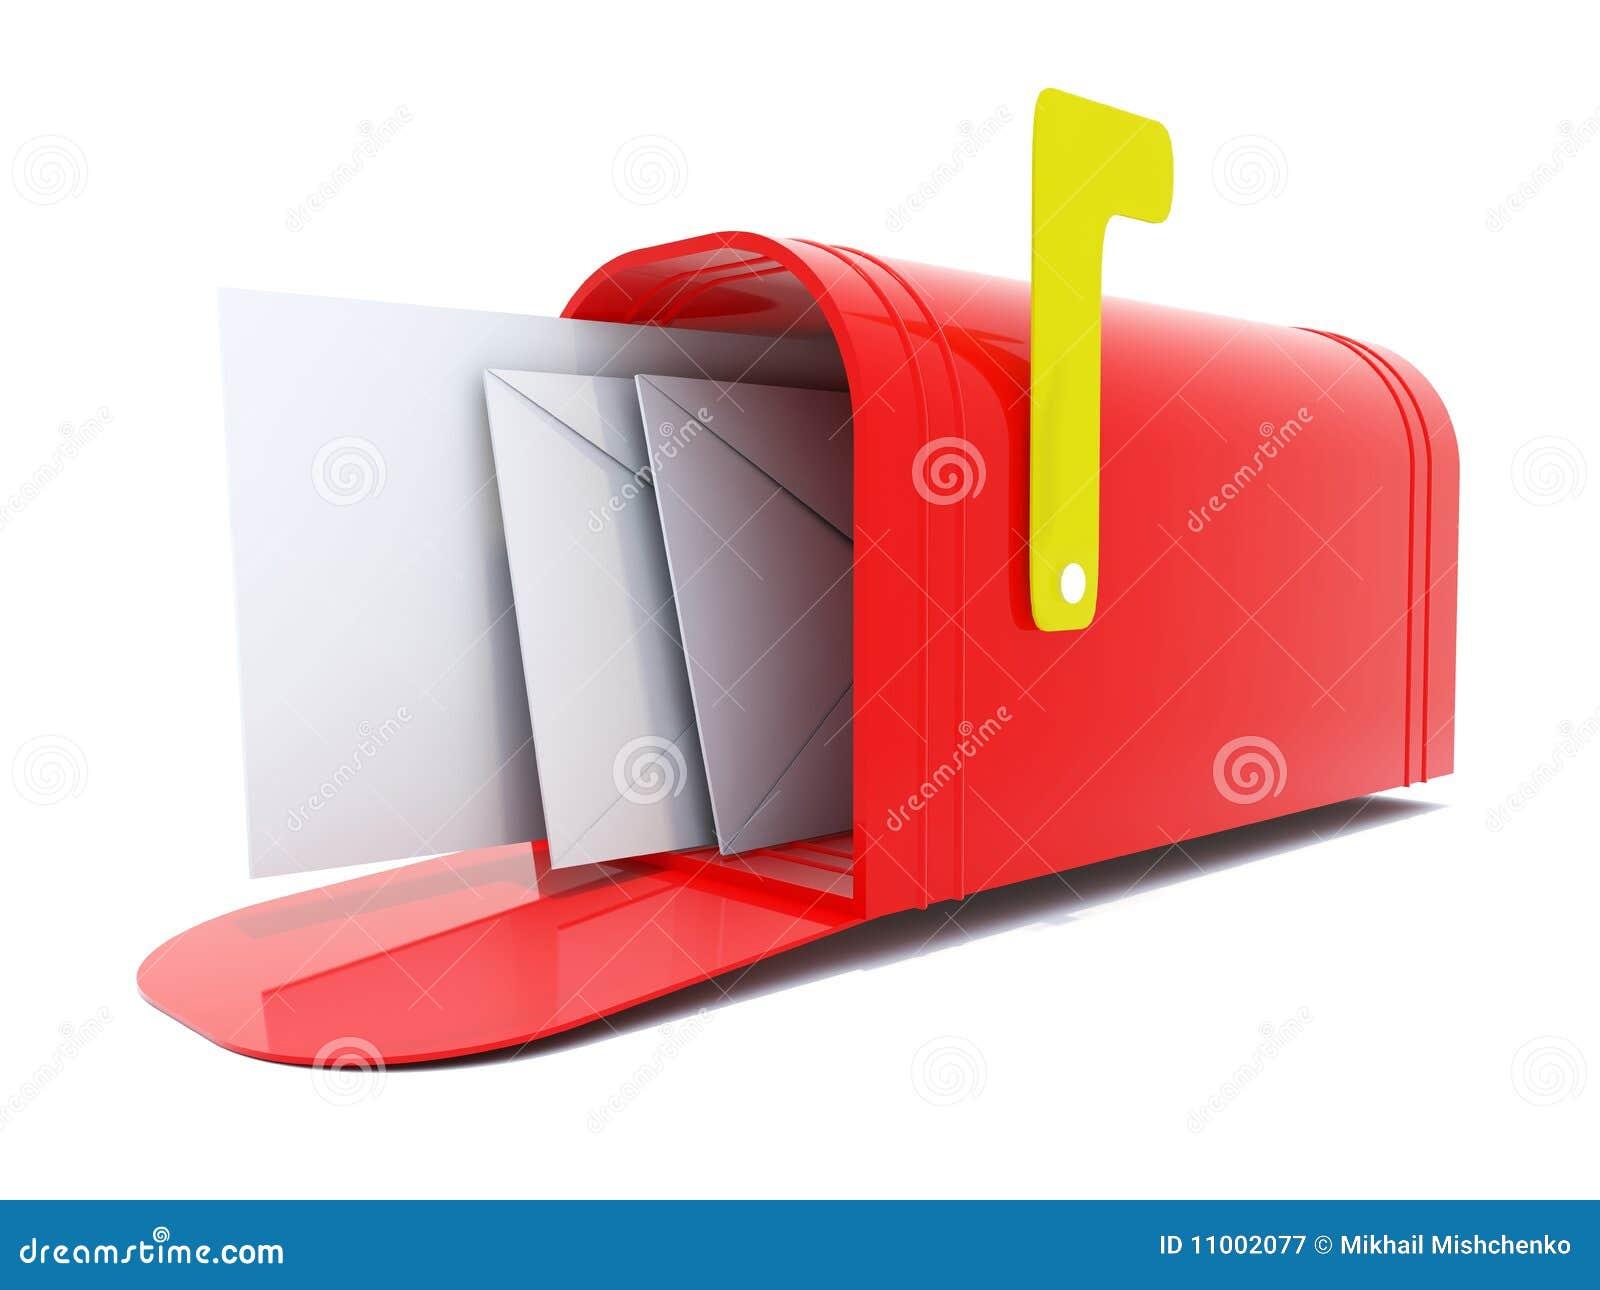 Japanese Restaurant Mailbox